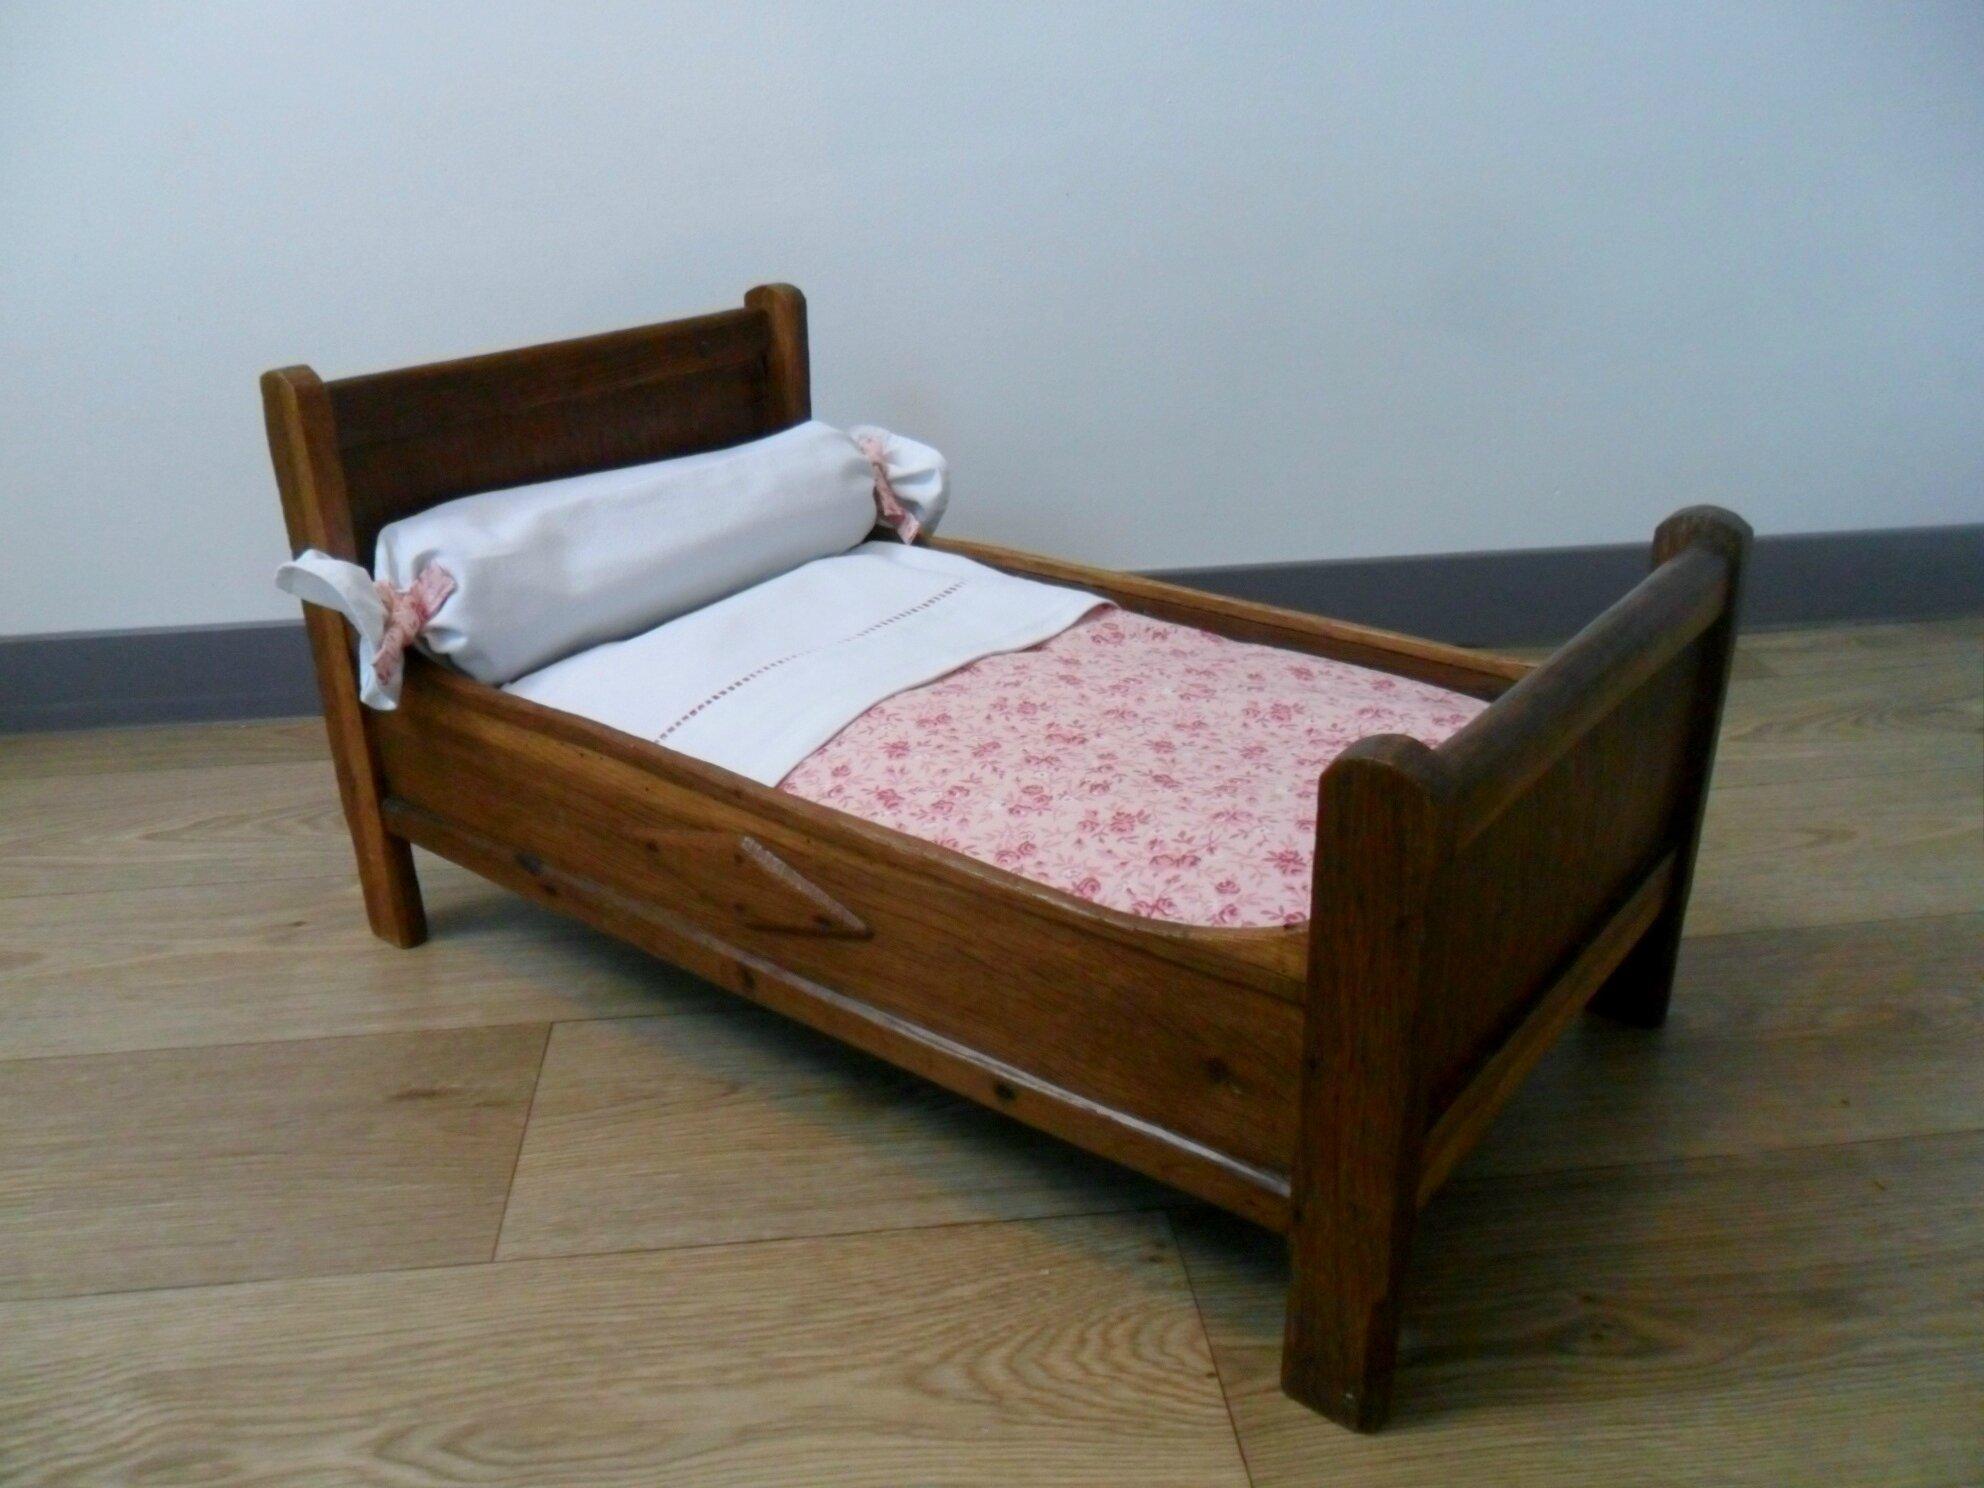 Lit ancien pour poupée, fabrication artisanale des années 40, VENDU